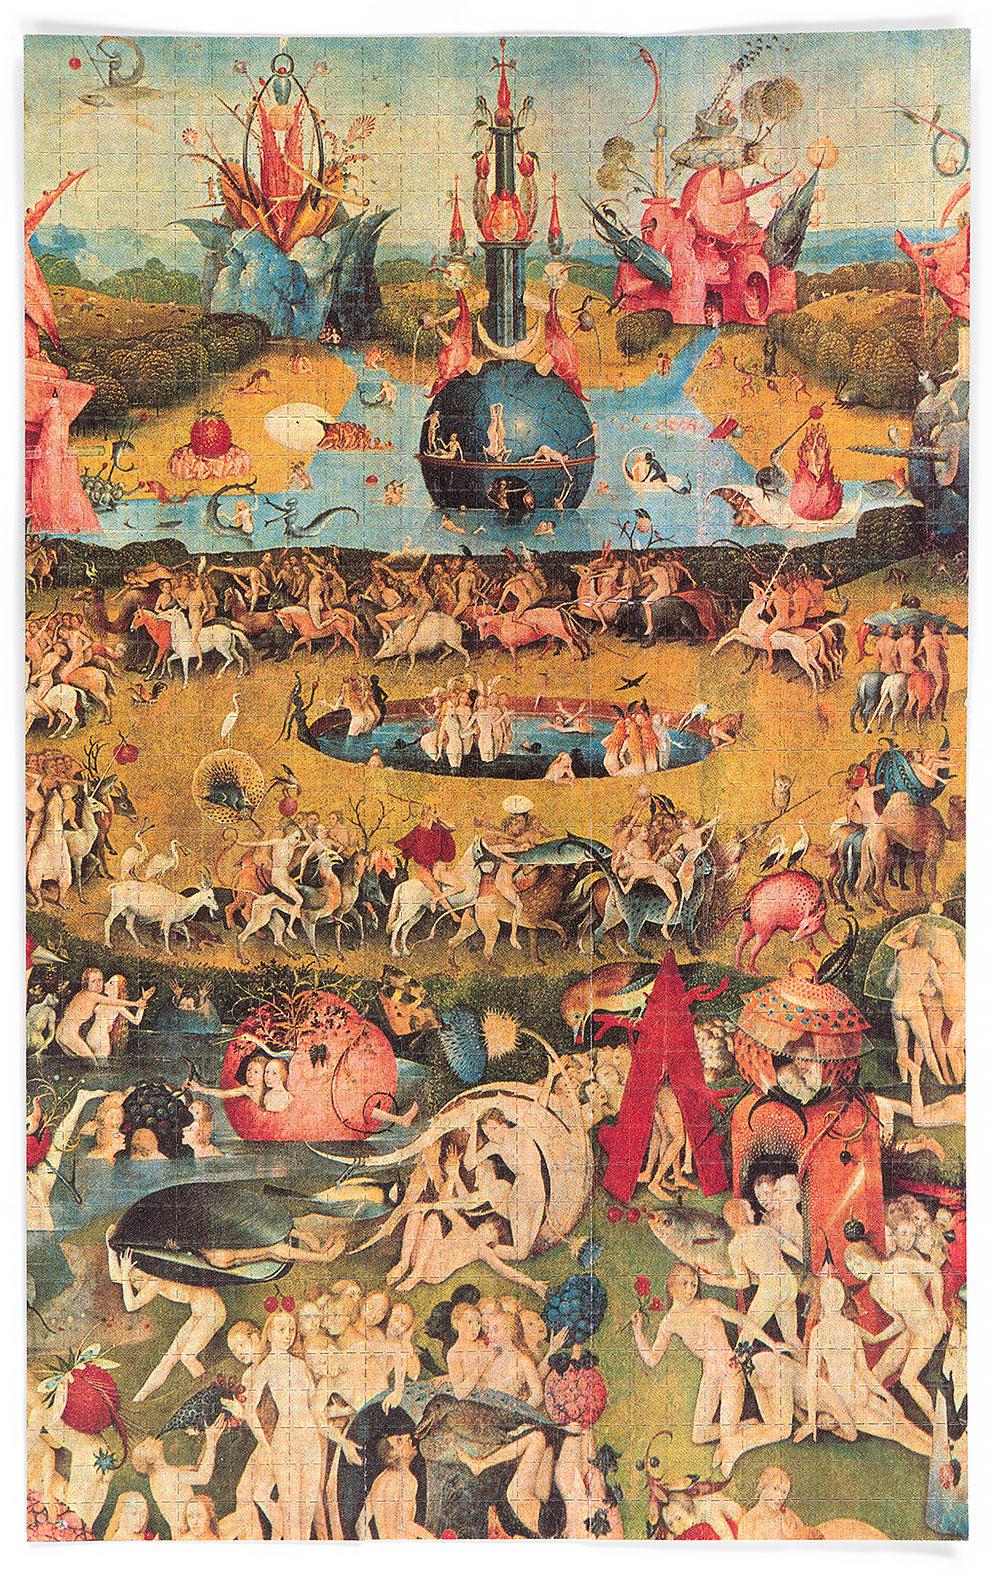 גלויות אסיד LSD bosch